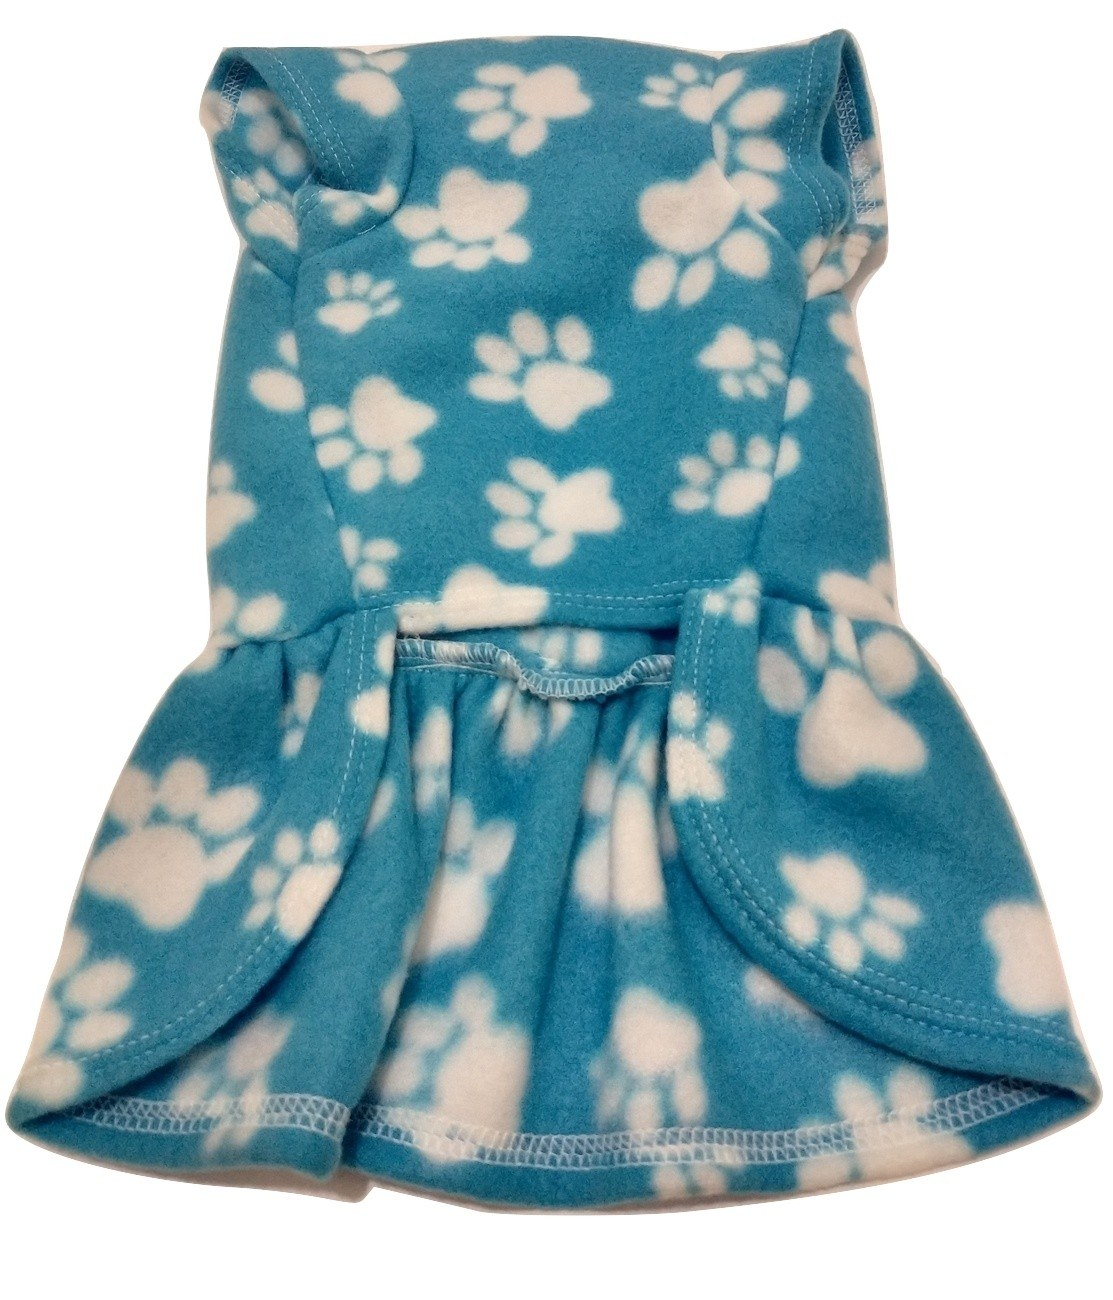 Vestido De Inverno Soft Cachorro Azul Estampa Patinhas Tam M